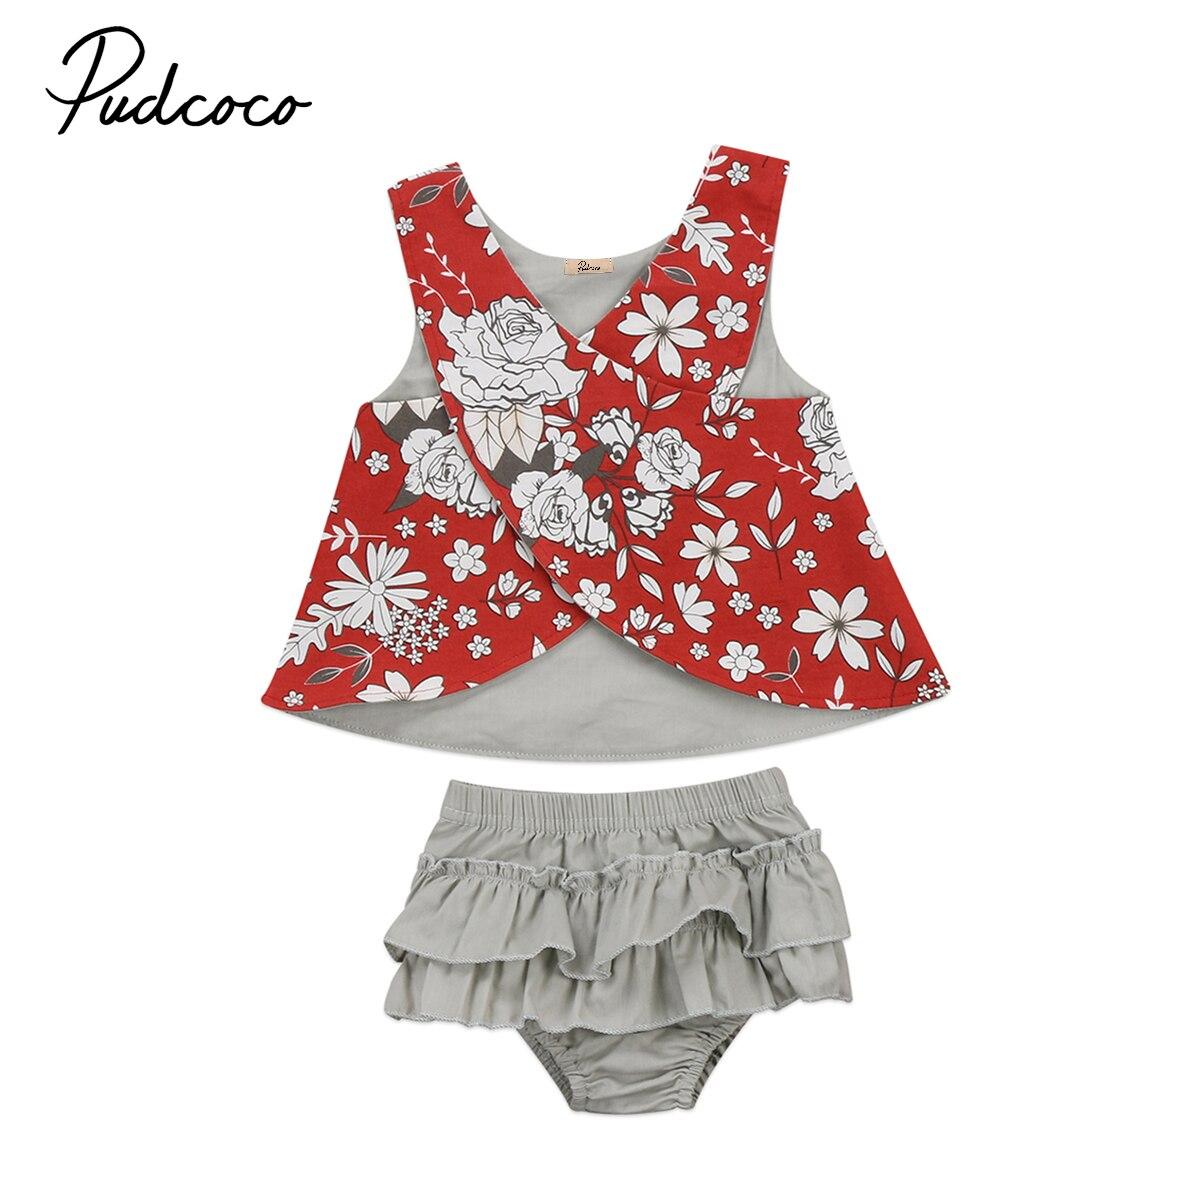 Цветок новорожденных Одежда для маленьких девочек одежда хлопковая майка с цветочным принтом + Шорты для женщин + повязка лето 3 шт. комплект...